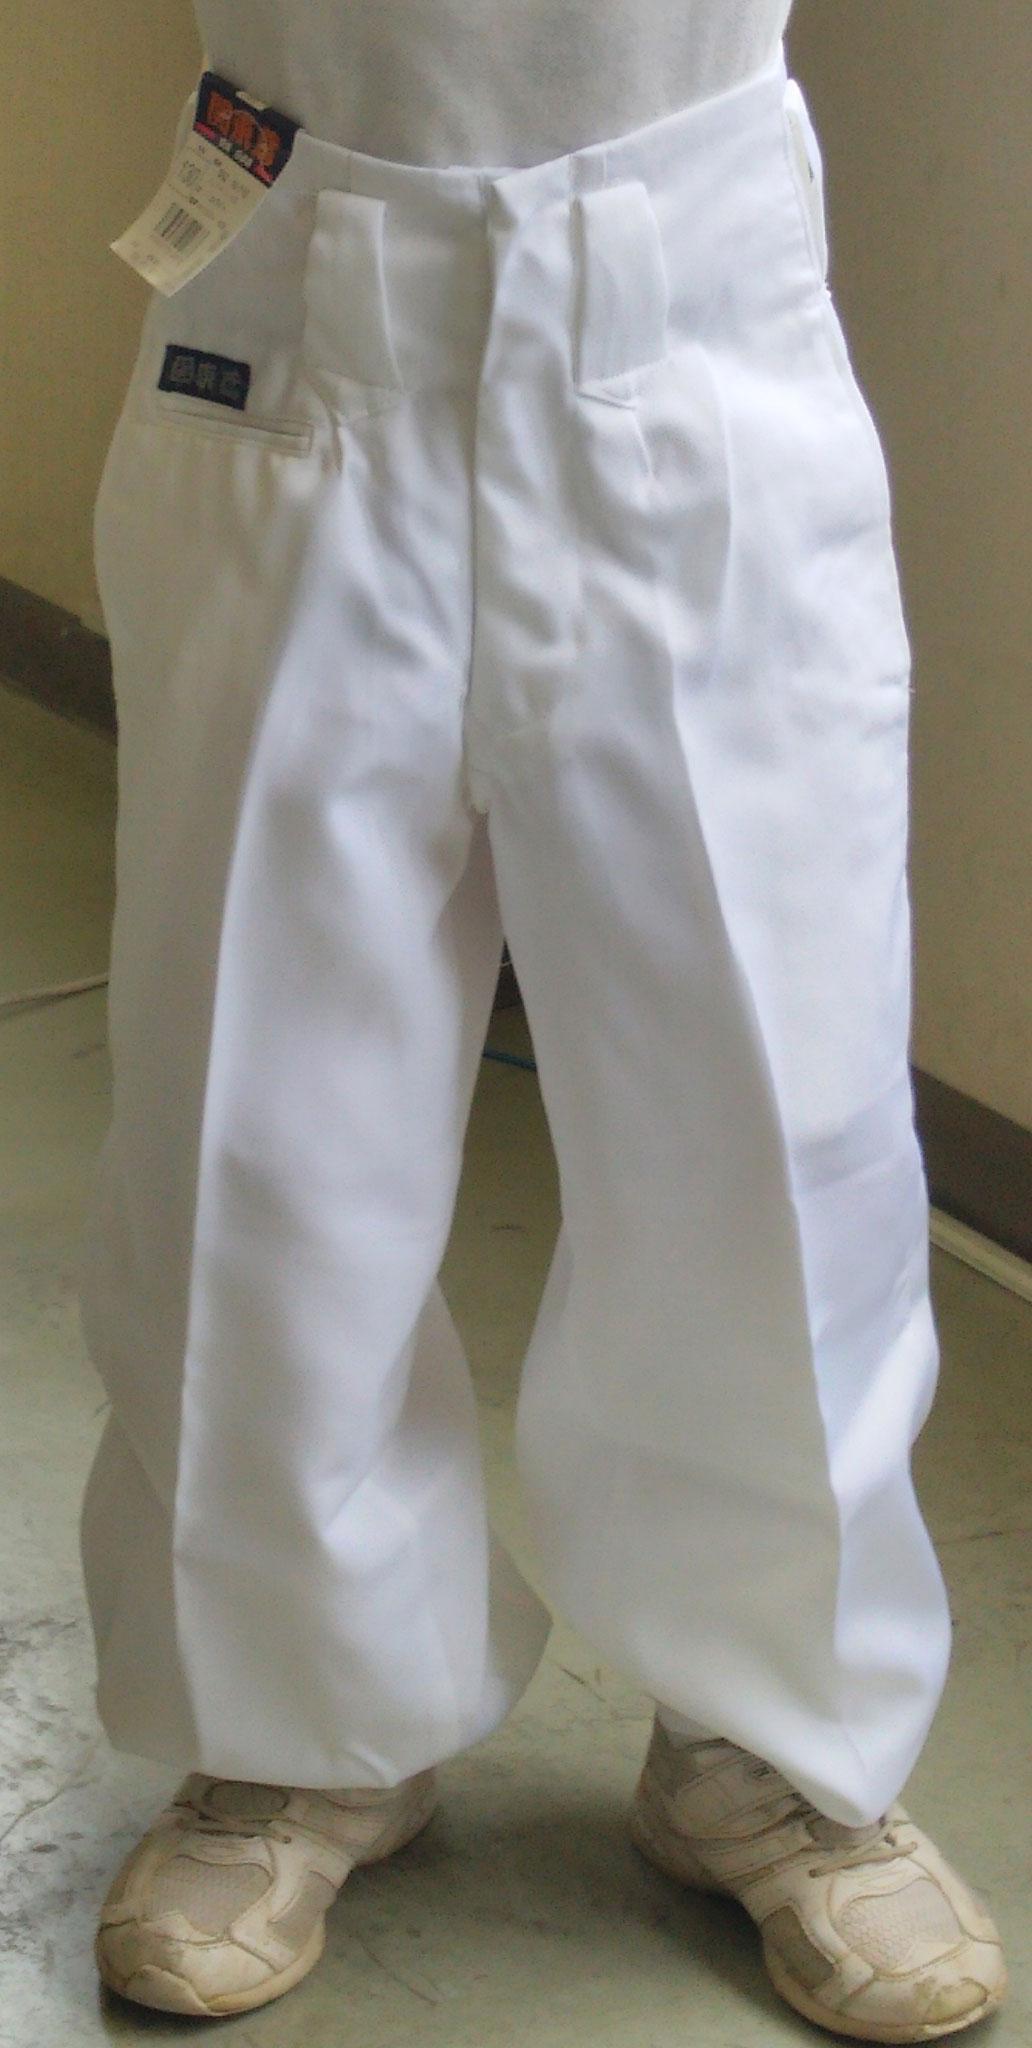 祭り用 こどもニッカズボン サイズ 90-160cmまで品揃えしております。